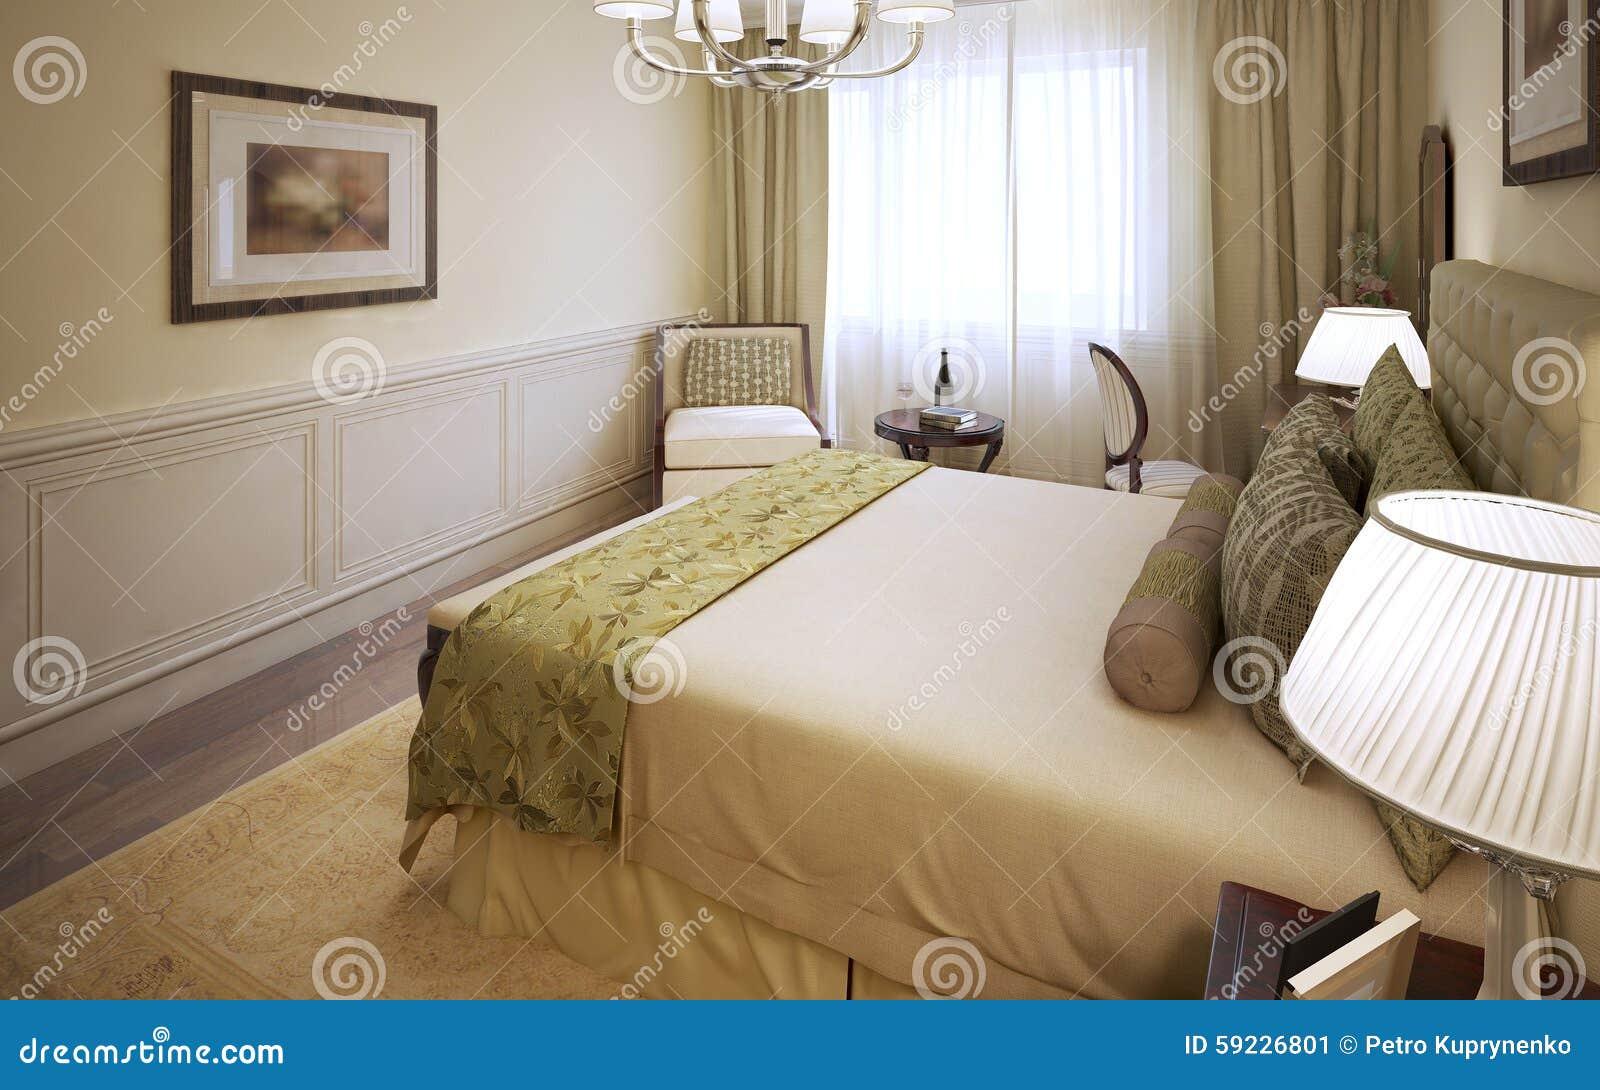 Download Diseño Clásico Del Dormitorio Brillante Stock de ilustración - Ilustración de idea, preparación: 59226801